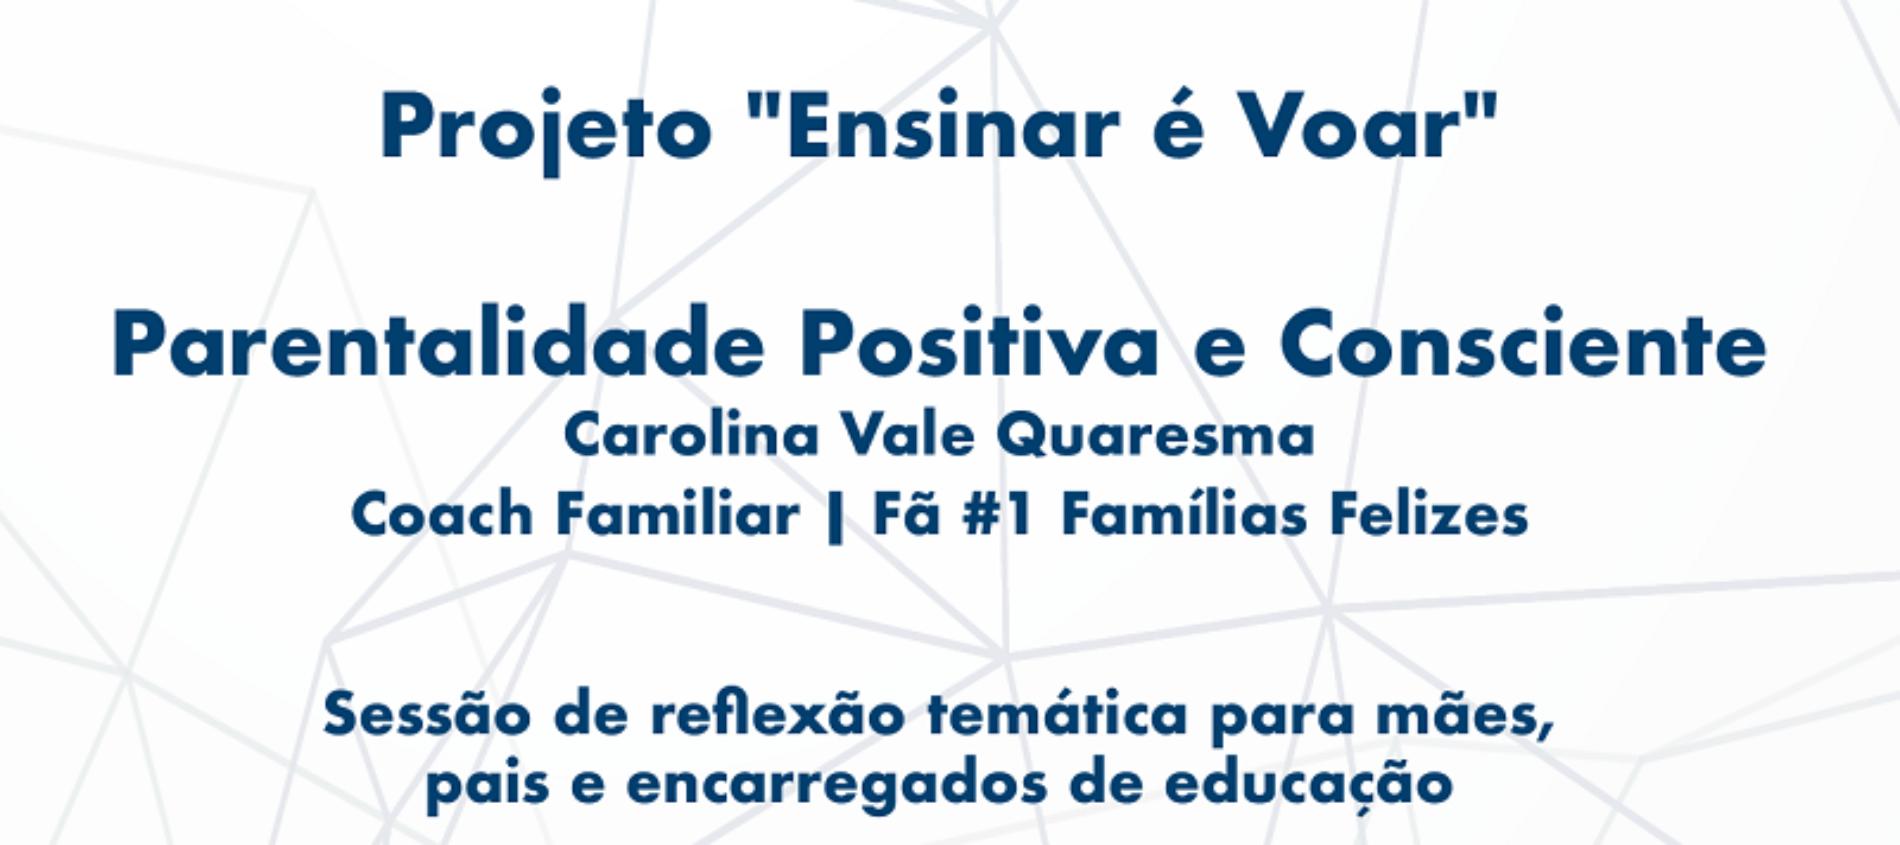 """Projeto """"Ensinar é Voar"""" promove sessão sobre """"Parentalidade Positiva e Consciente"""""""